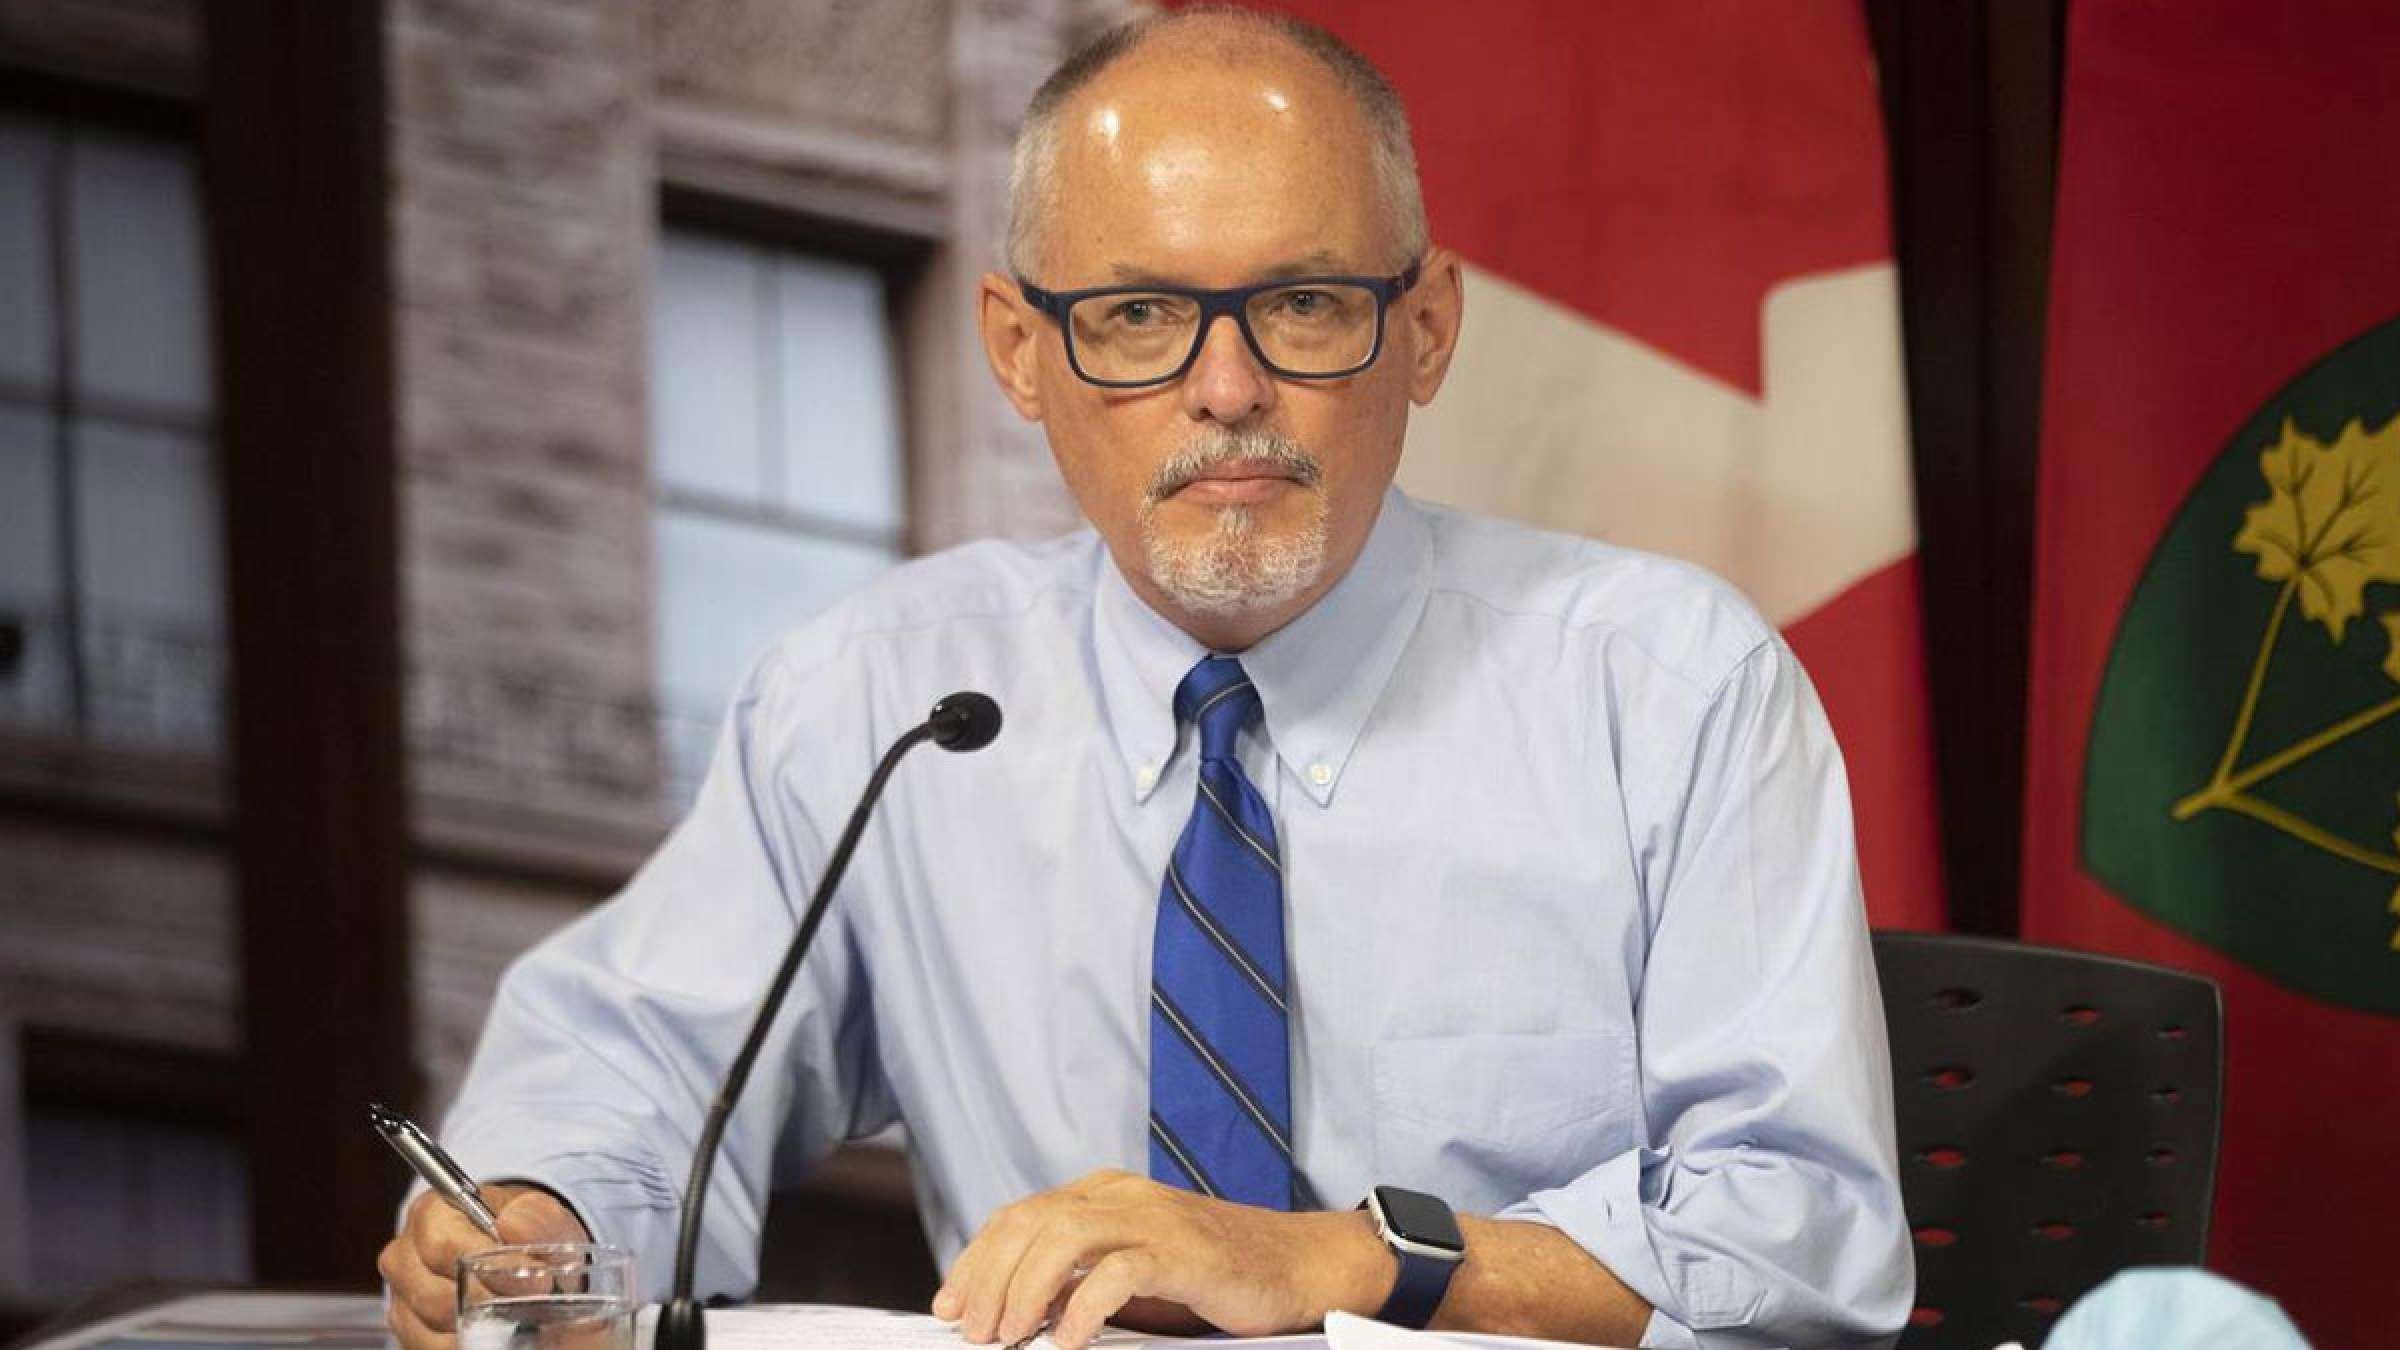 خبر-تورنتو-انتاریو-پُرخطرها-دوز-سوم-۱۱-ساله-واکسن-قانون-جدید-ورزشگاه-حزب-محافظه-کار